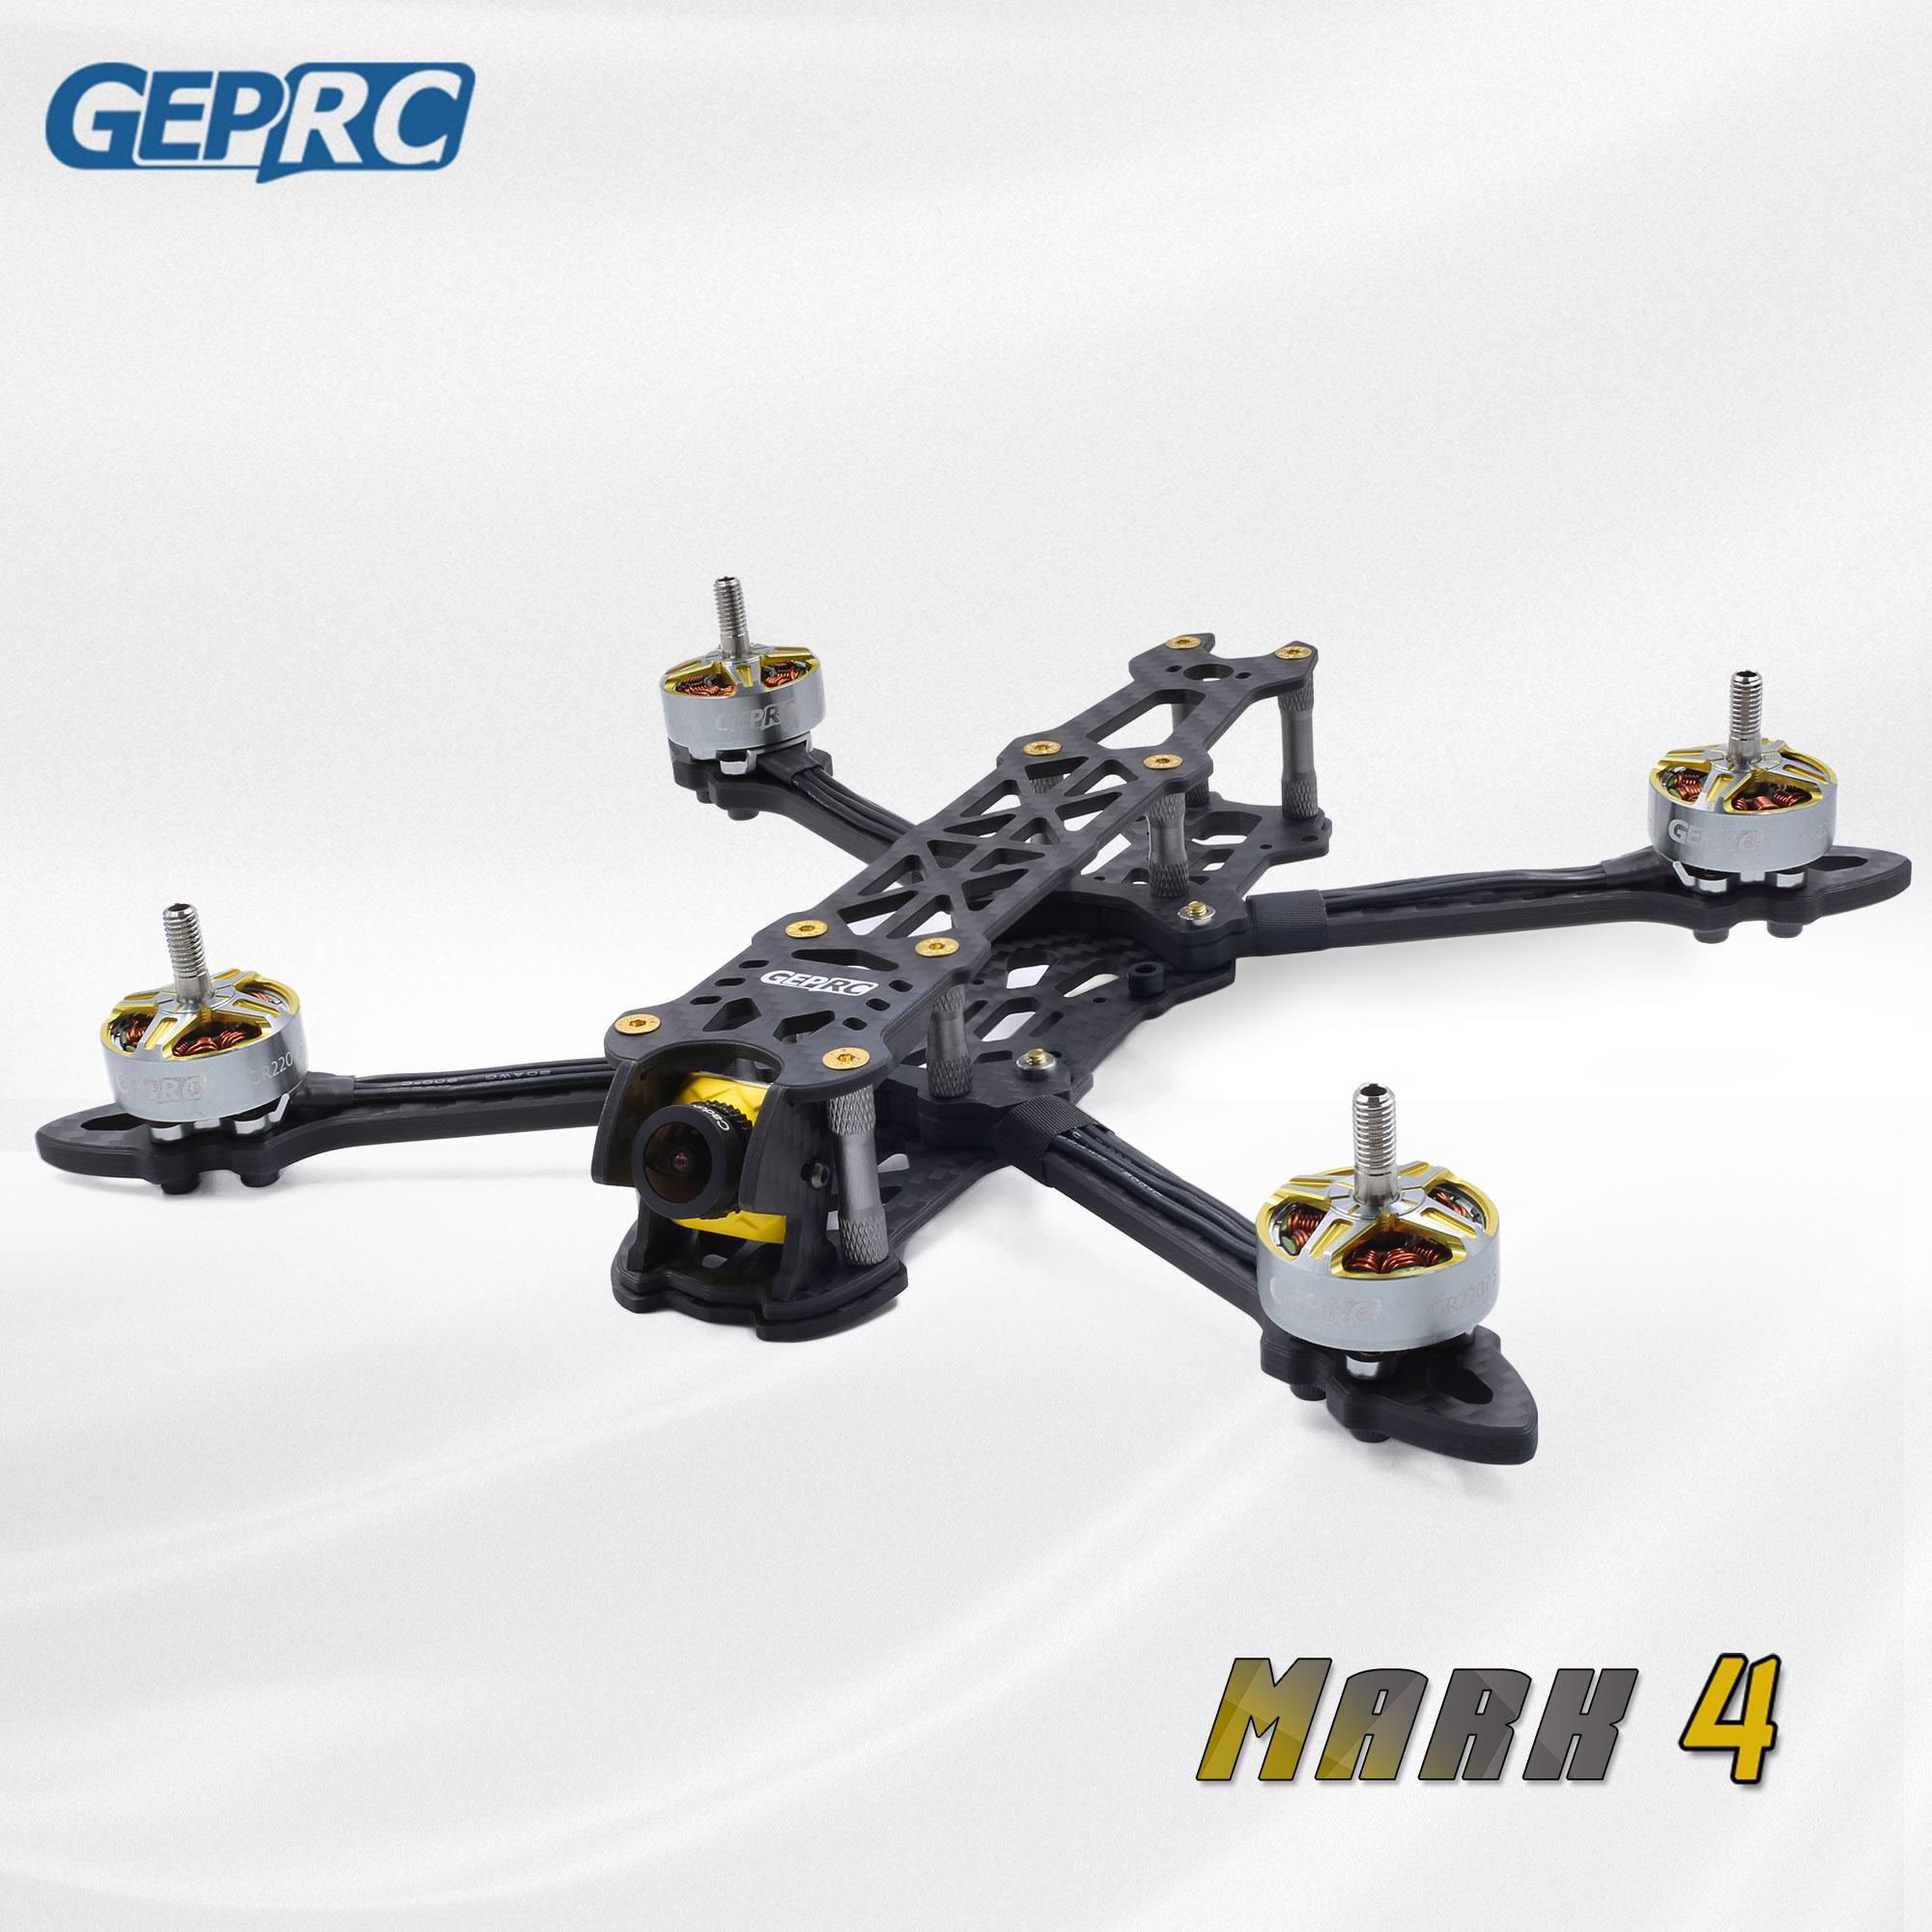 """Gerpc Mark4 marque 225mm 260mm 295mm FPV cadre de Drone de course Freestyle X quadrirotor 5mm bras GEP 5 """"6"""" 7 """"drone RC"""